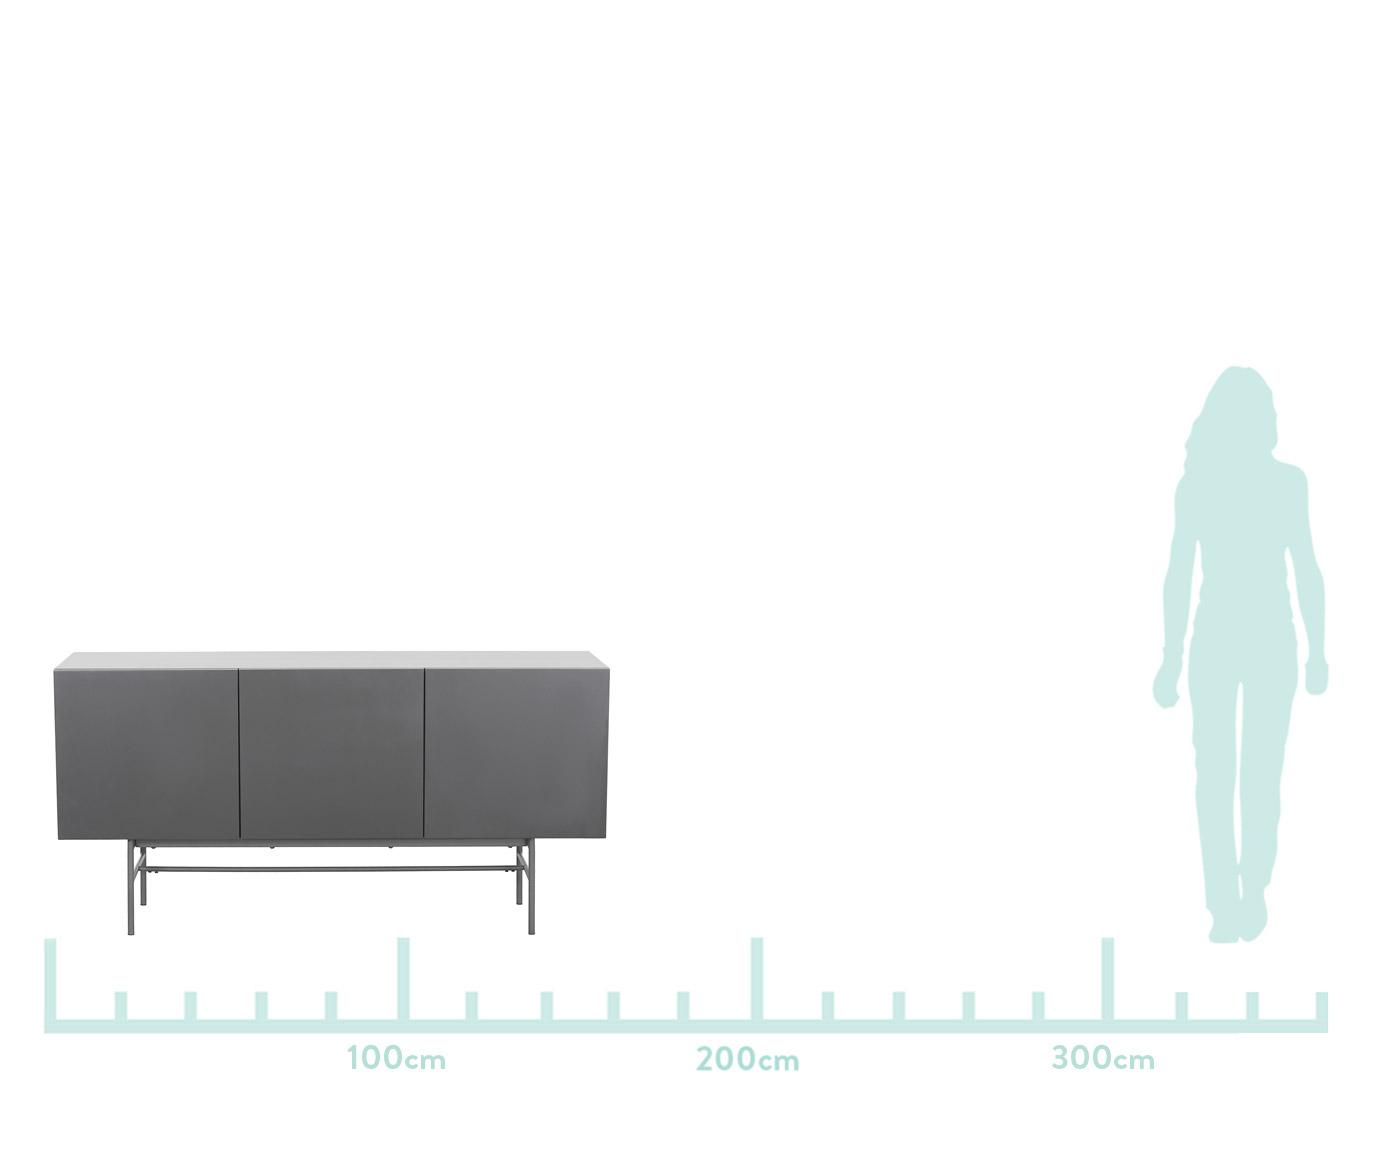 Komoda modern Anders, Korpus: płyta pilśniowa średniej , Nogi: metal malowany proszkowo, Korpus: szary Nogi: szary, matowy, S 160 x W 80 cm